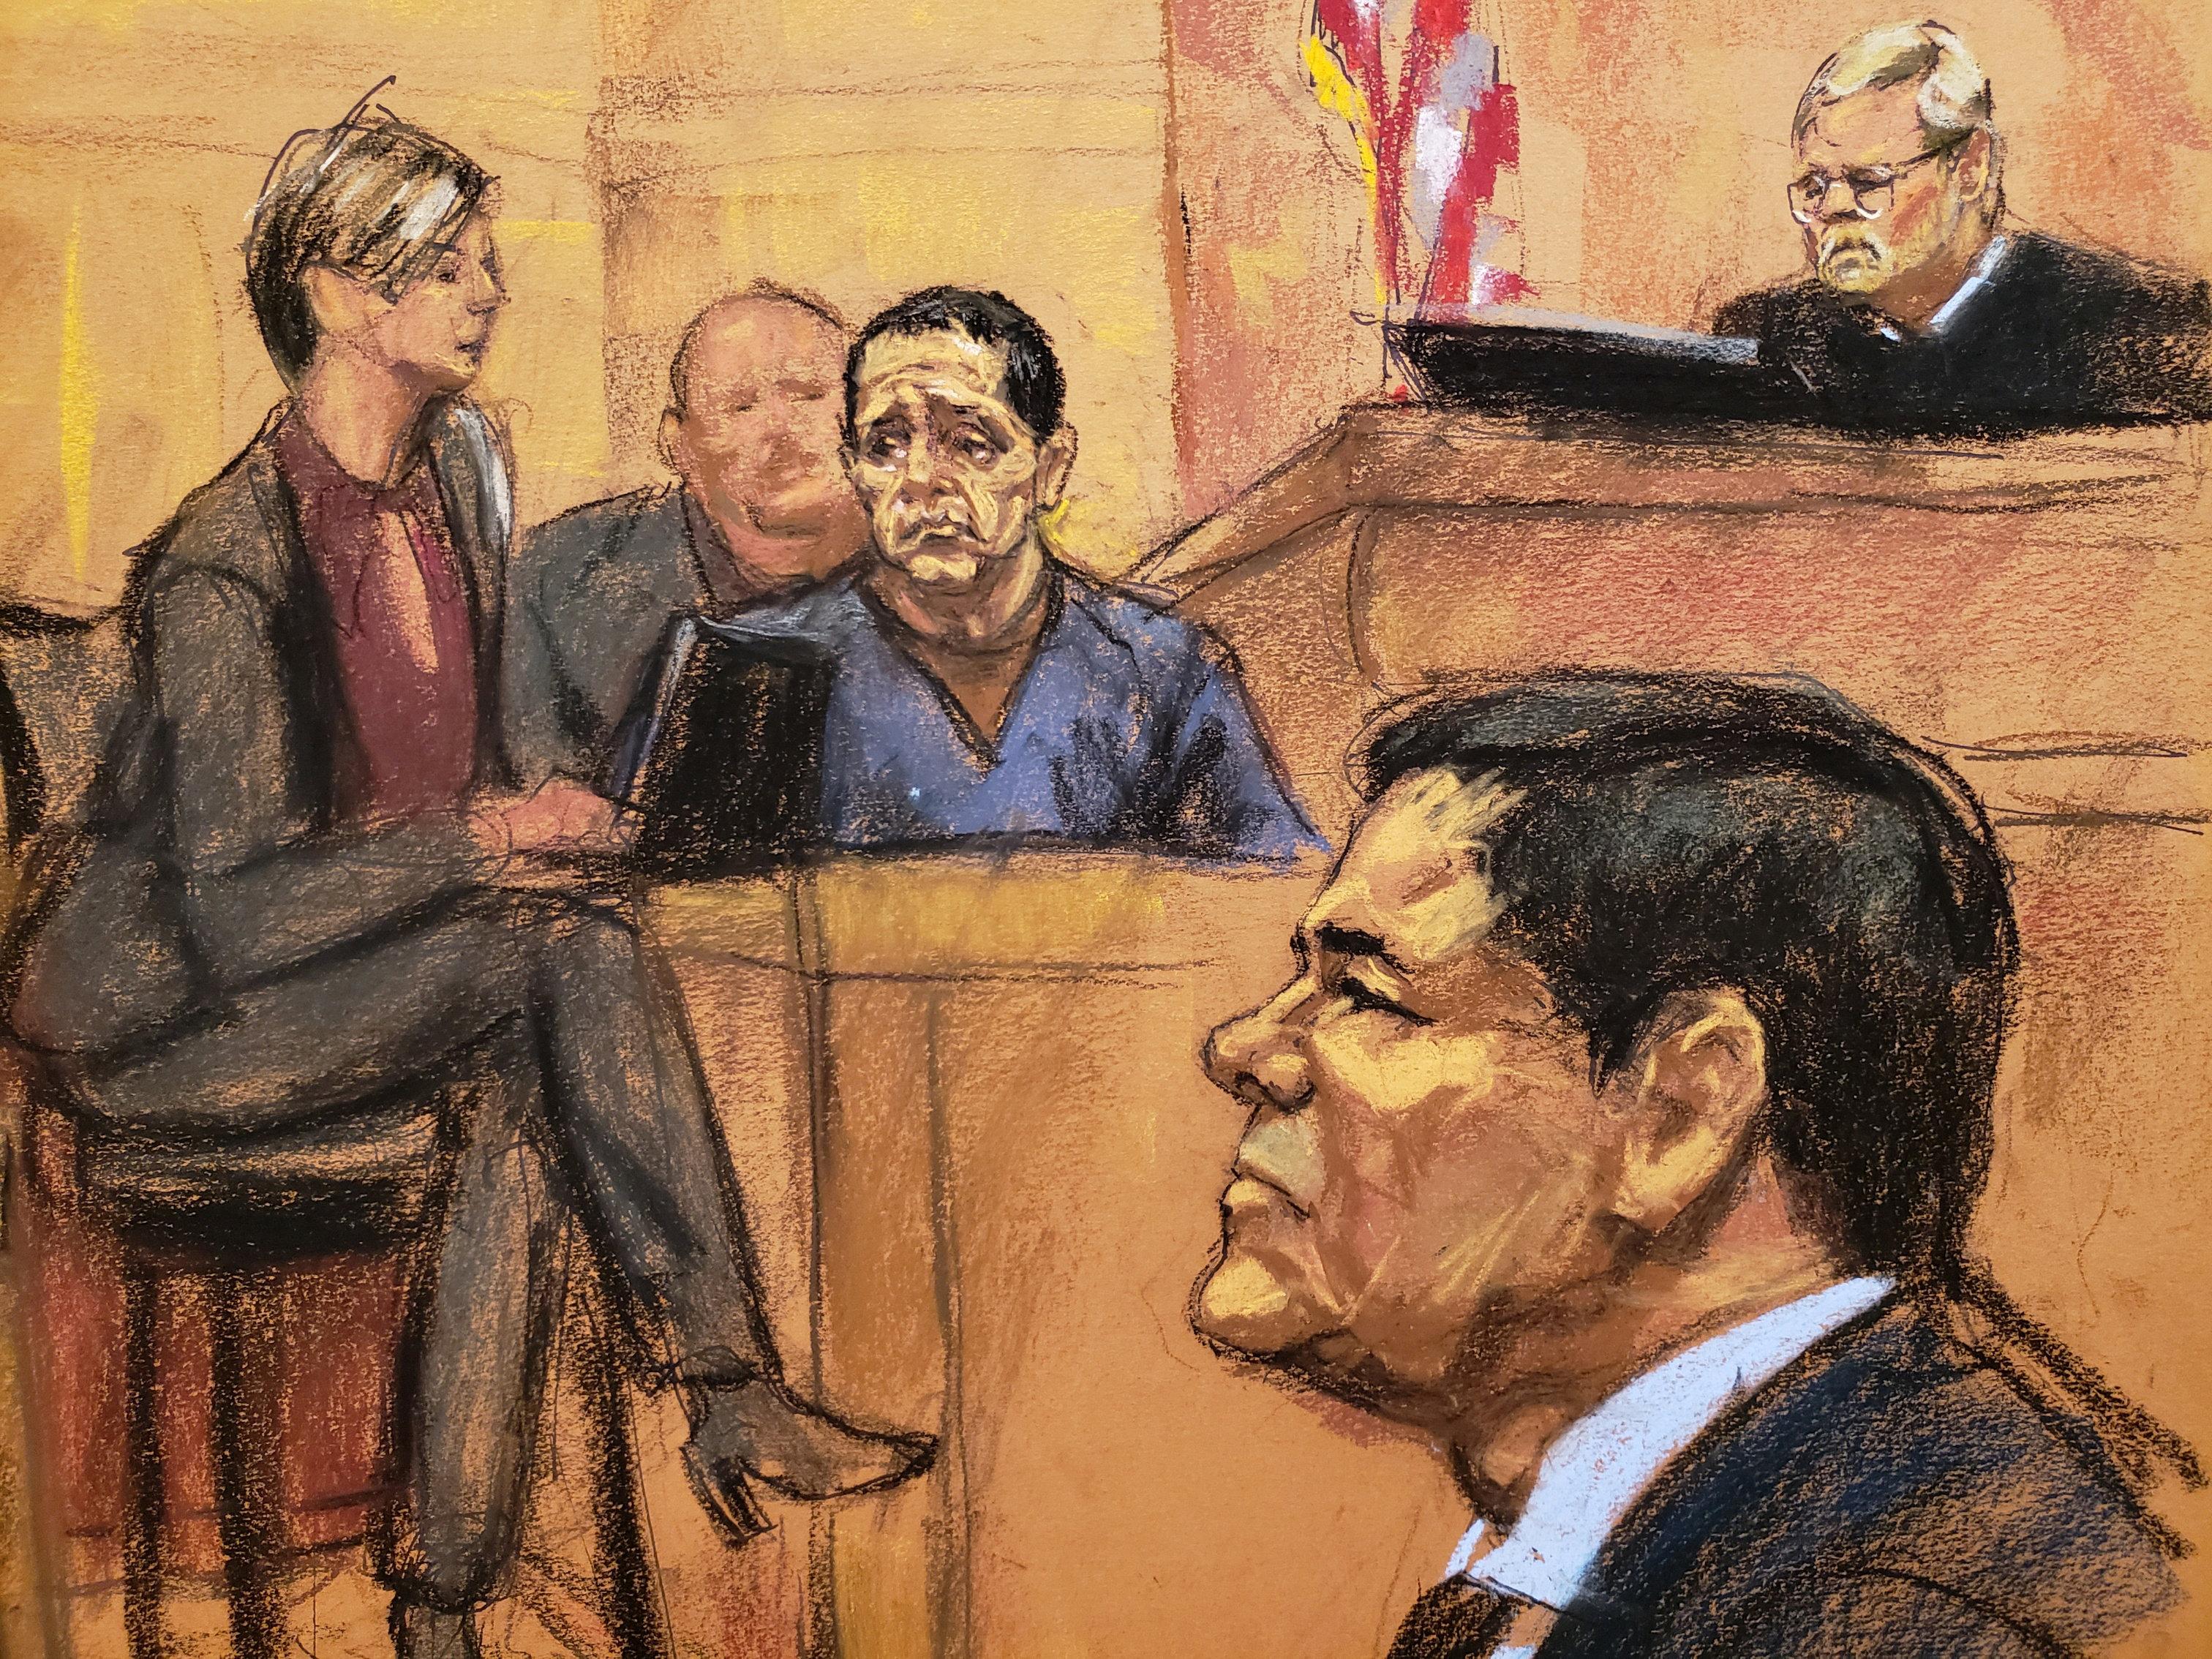 'Chapo' contaba con 'armamento aéreo'